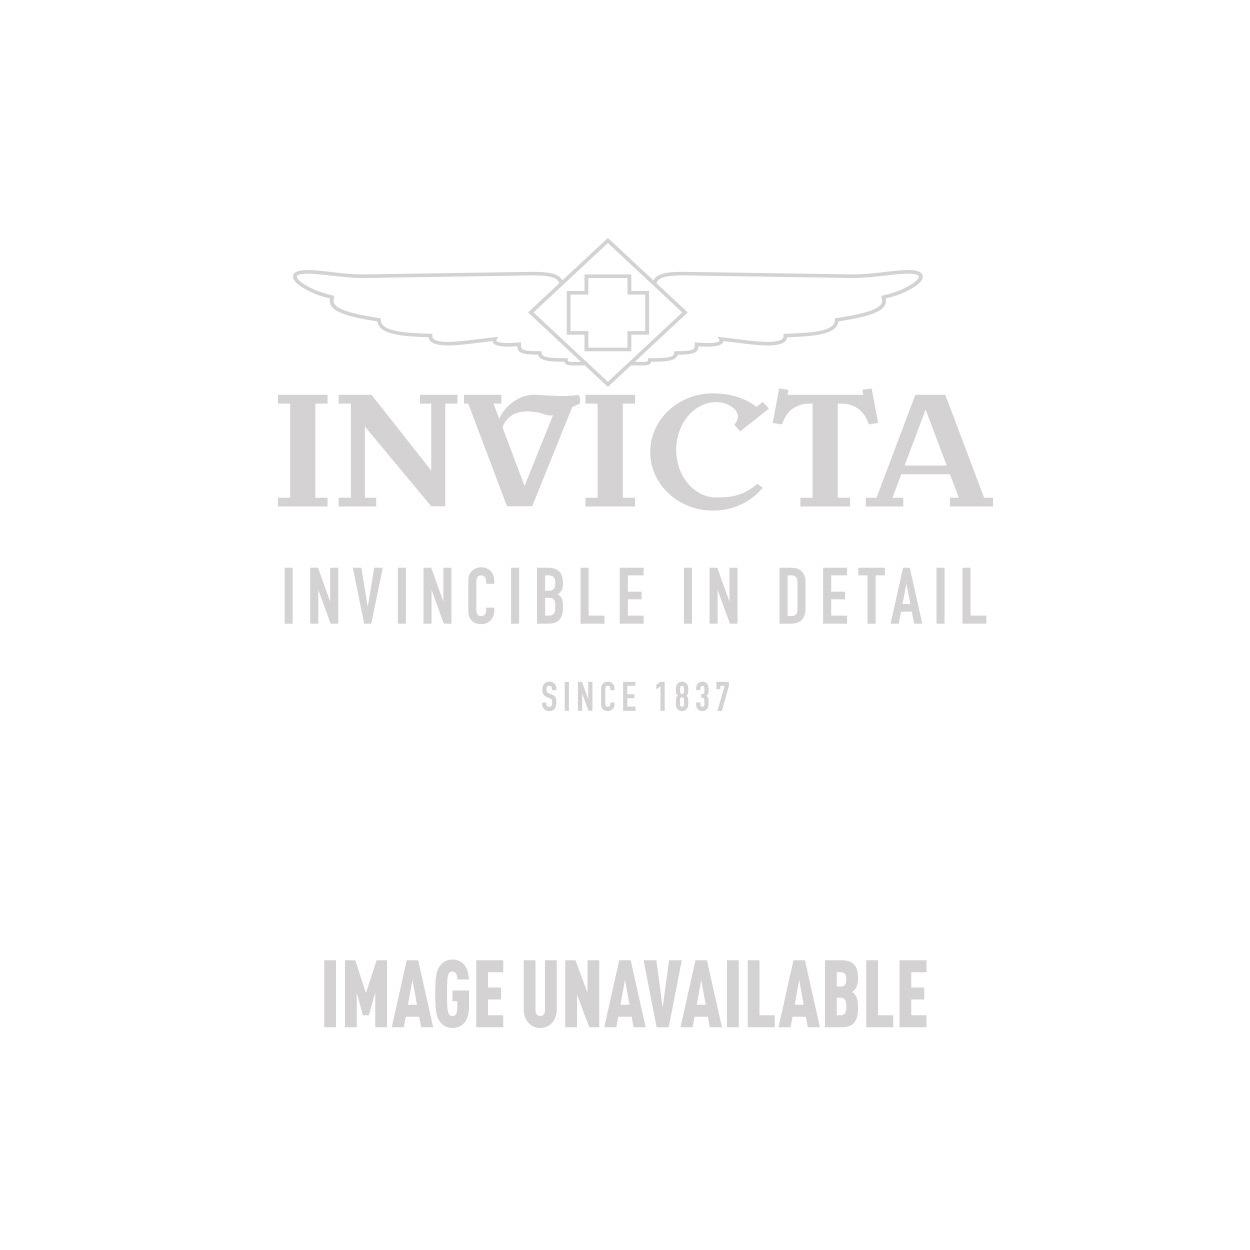 Invicta Model 28736